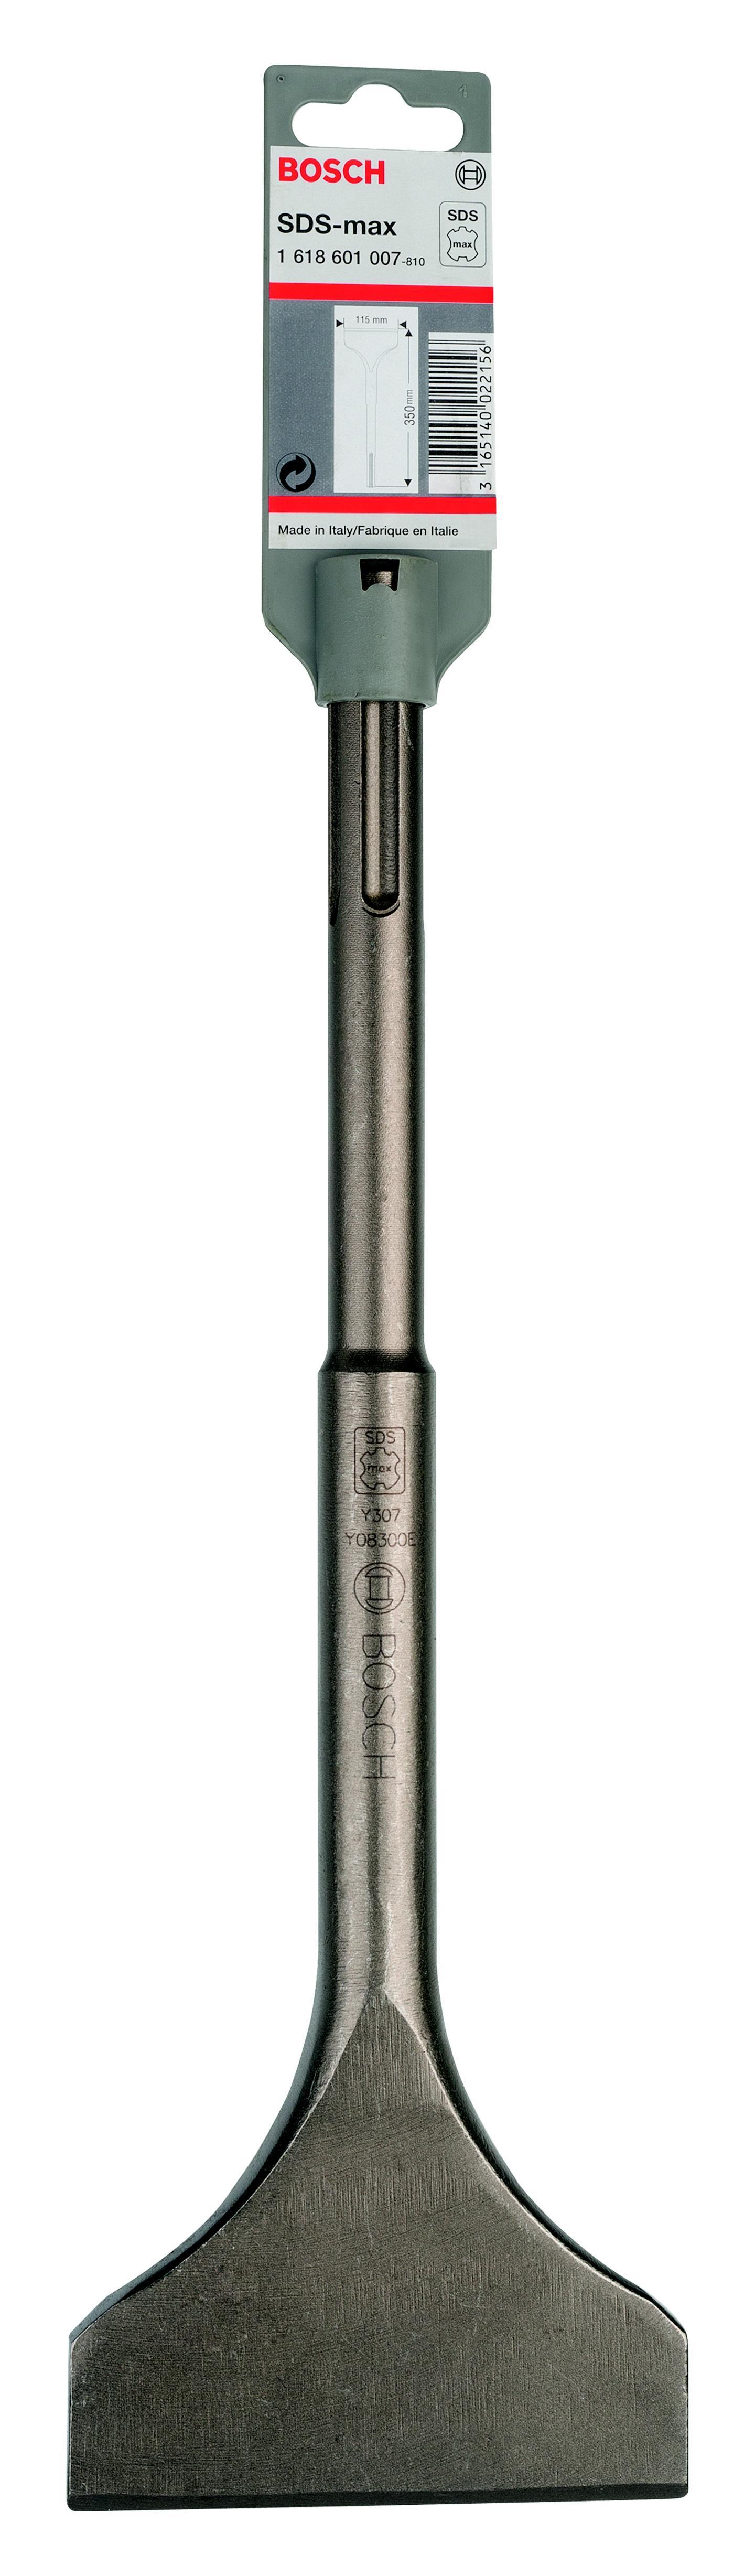 Купить Зубило Bosch Sdsmax 115x350 лопаточное (1.618.601.007), Германия